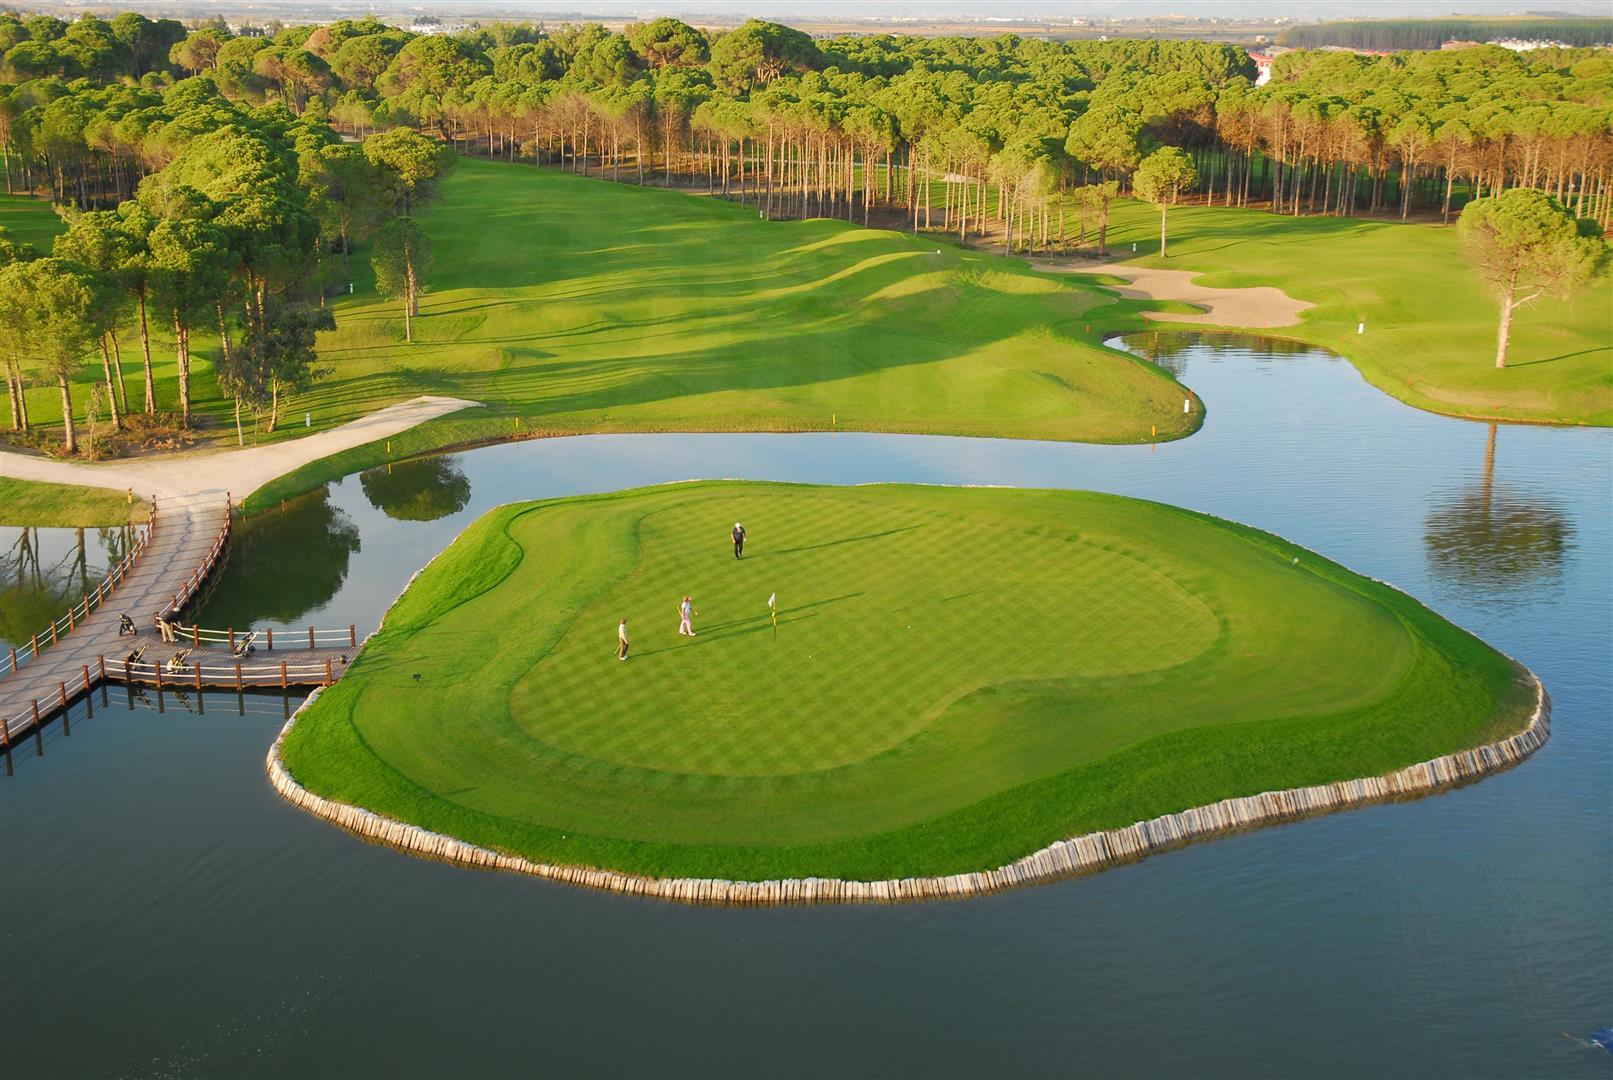 Alfa img - Showing > Amazing Golf Holes